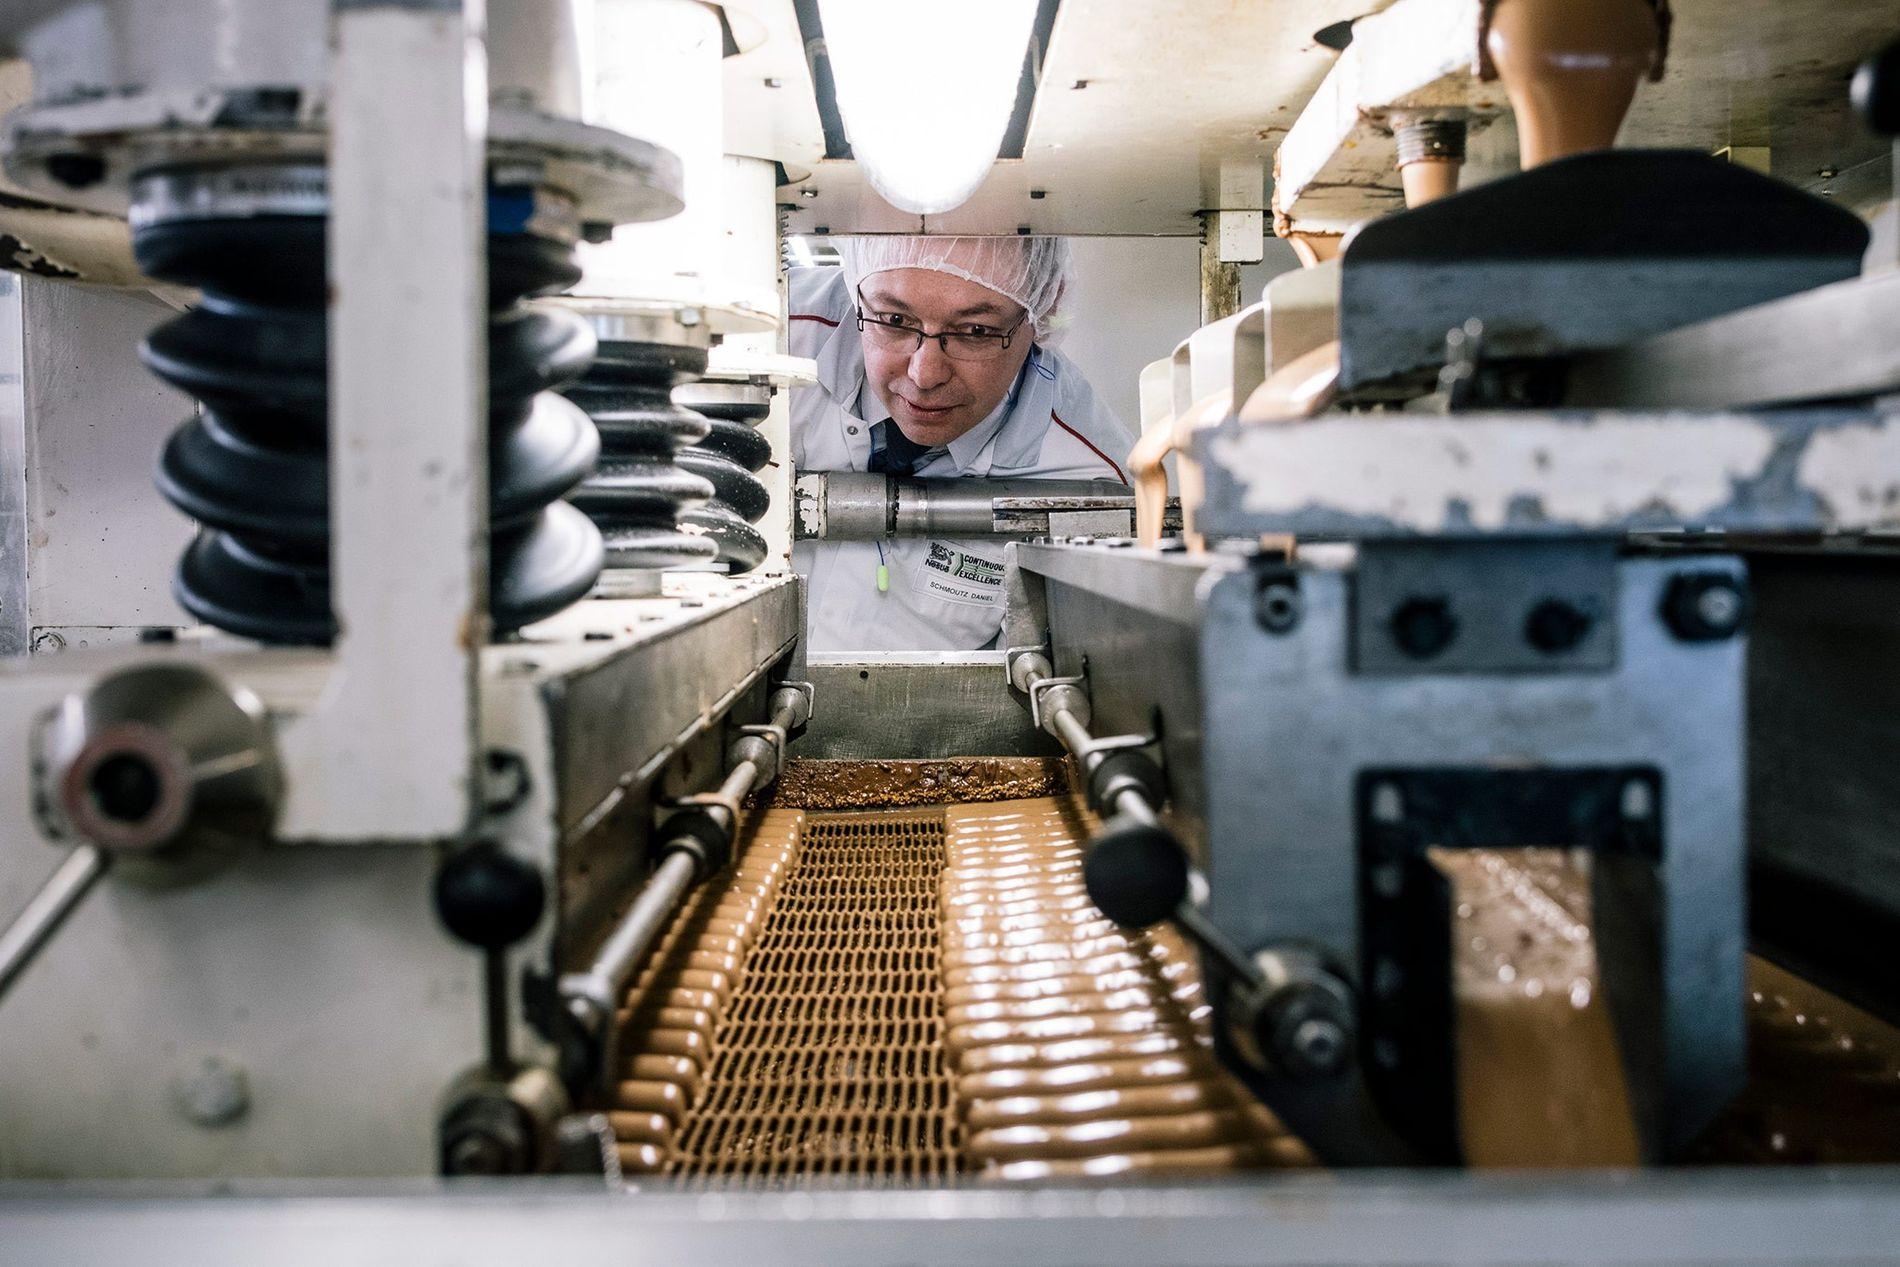 Los visitantes pueden ver cómo se produce el chocolate y probar muestras en Broc, Suiza.